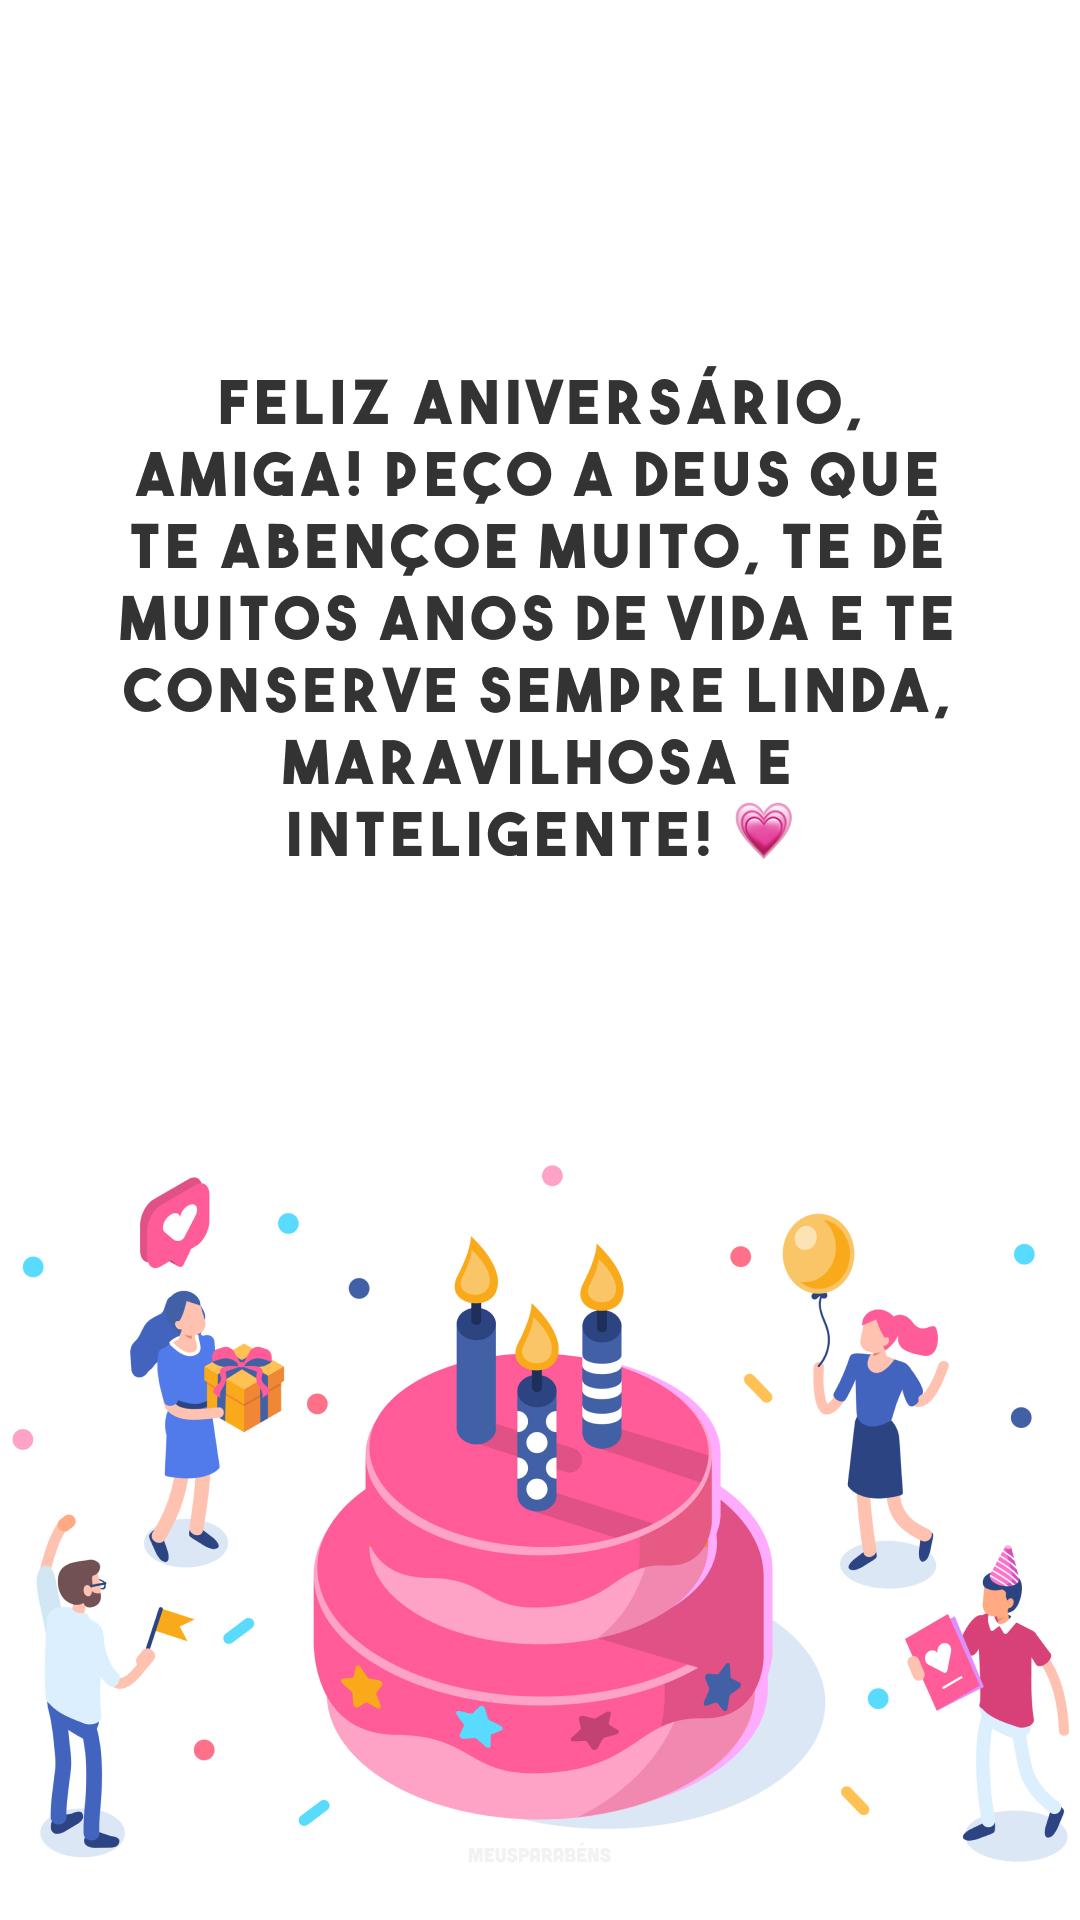 Feliz aniversário, amiga! Peço a Deus que te abençoe muito, te dê muitos anos de vida e te conserve sempre linda, maravilhosa e inteligente! 💗